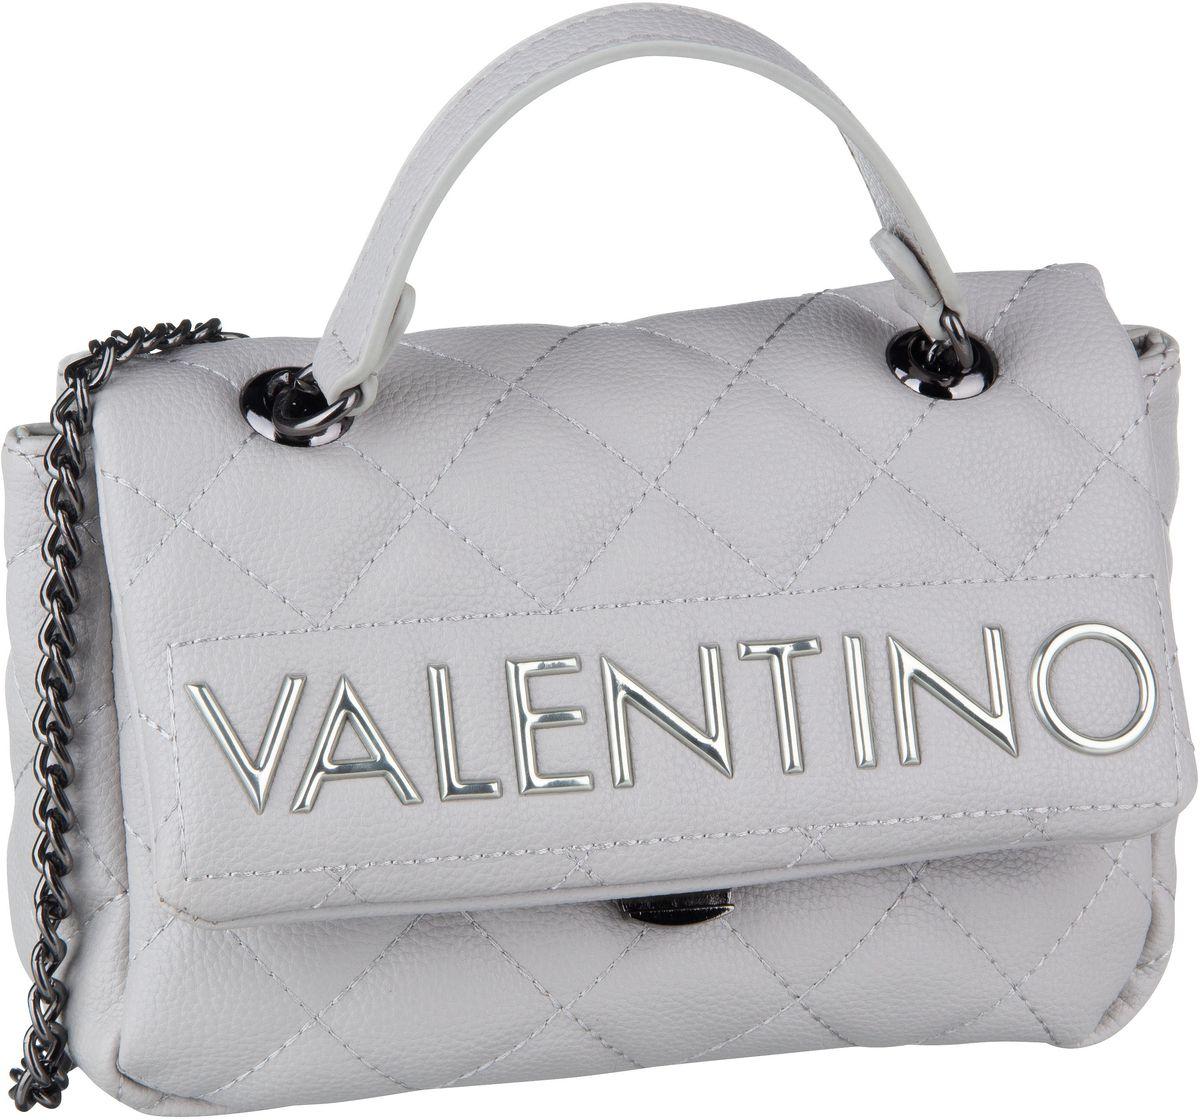 Handtasche Licia Pattina R07 Ghiaccio